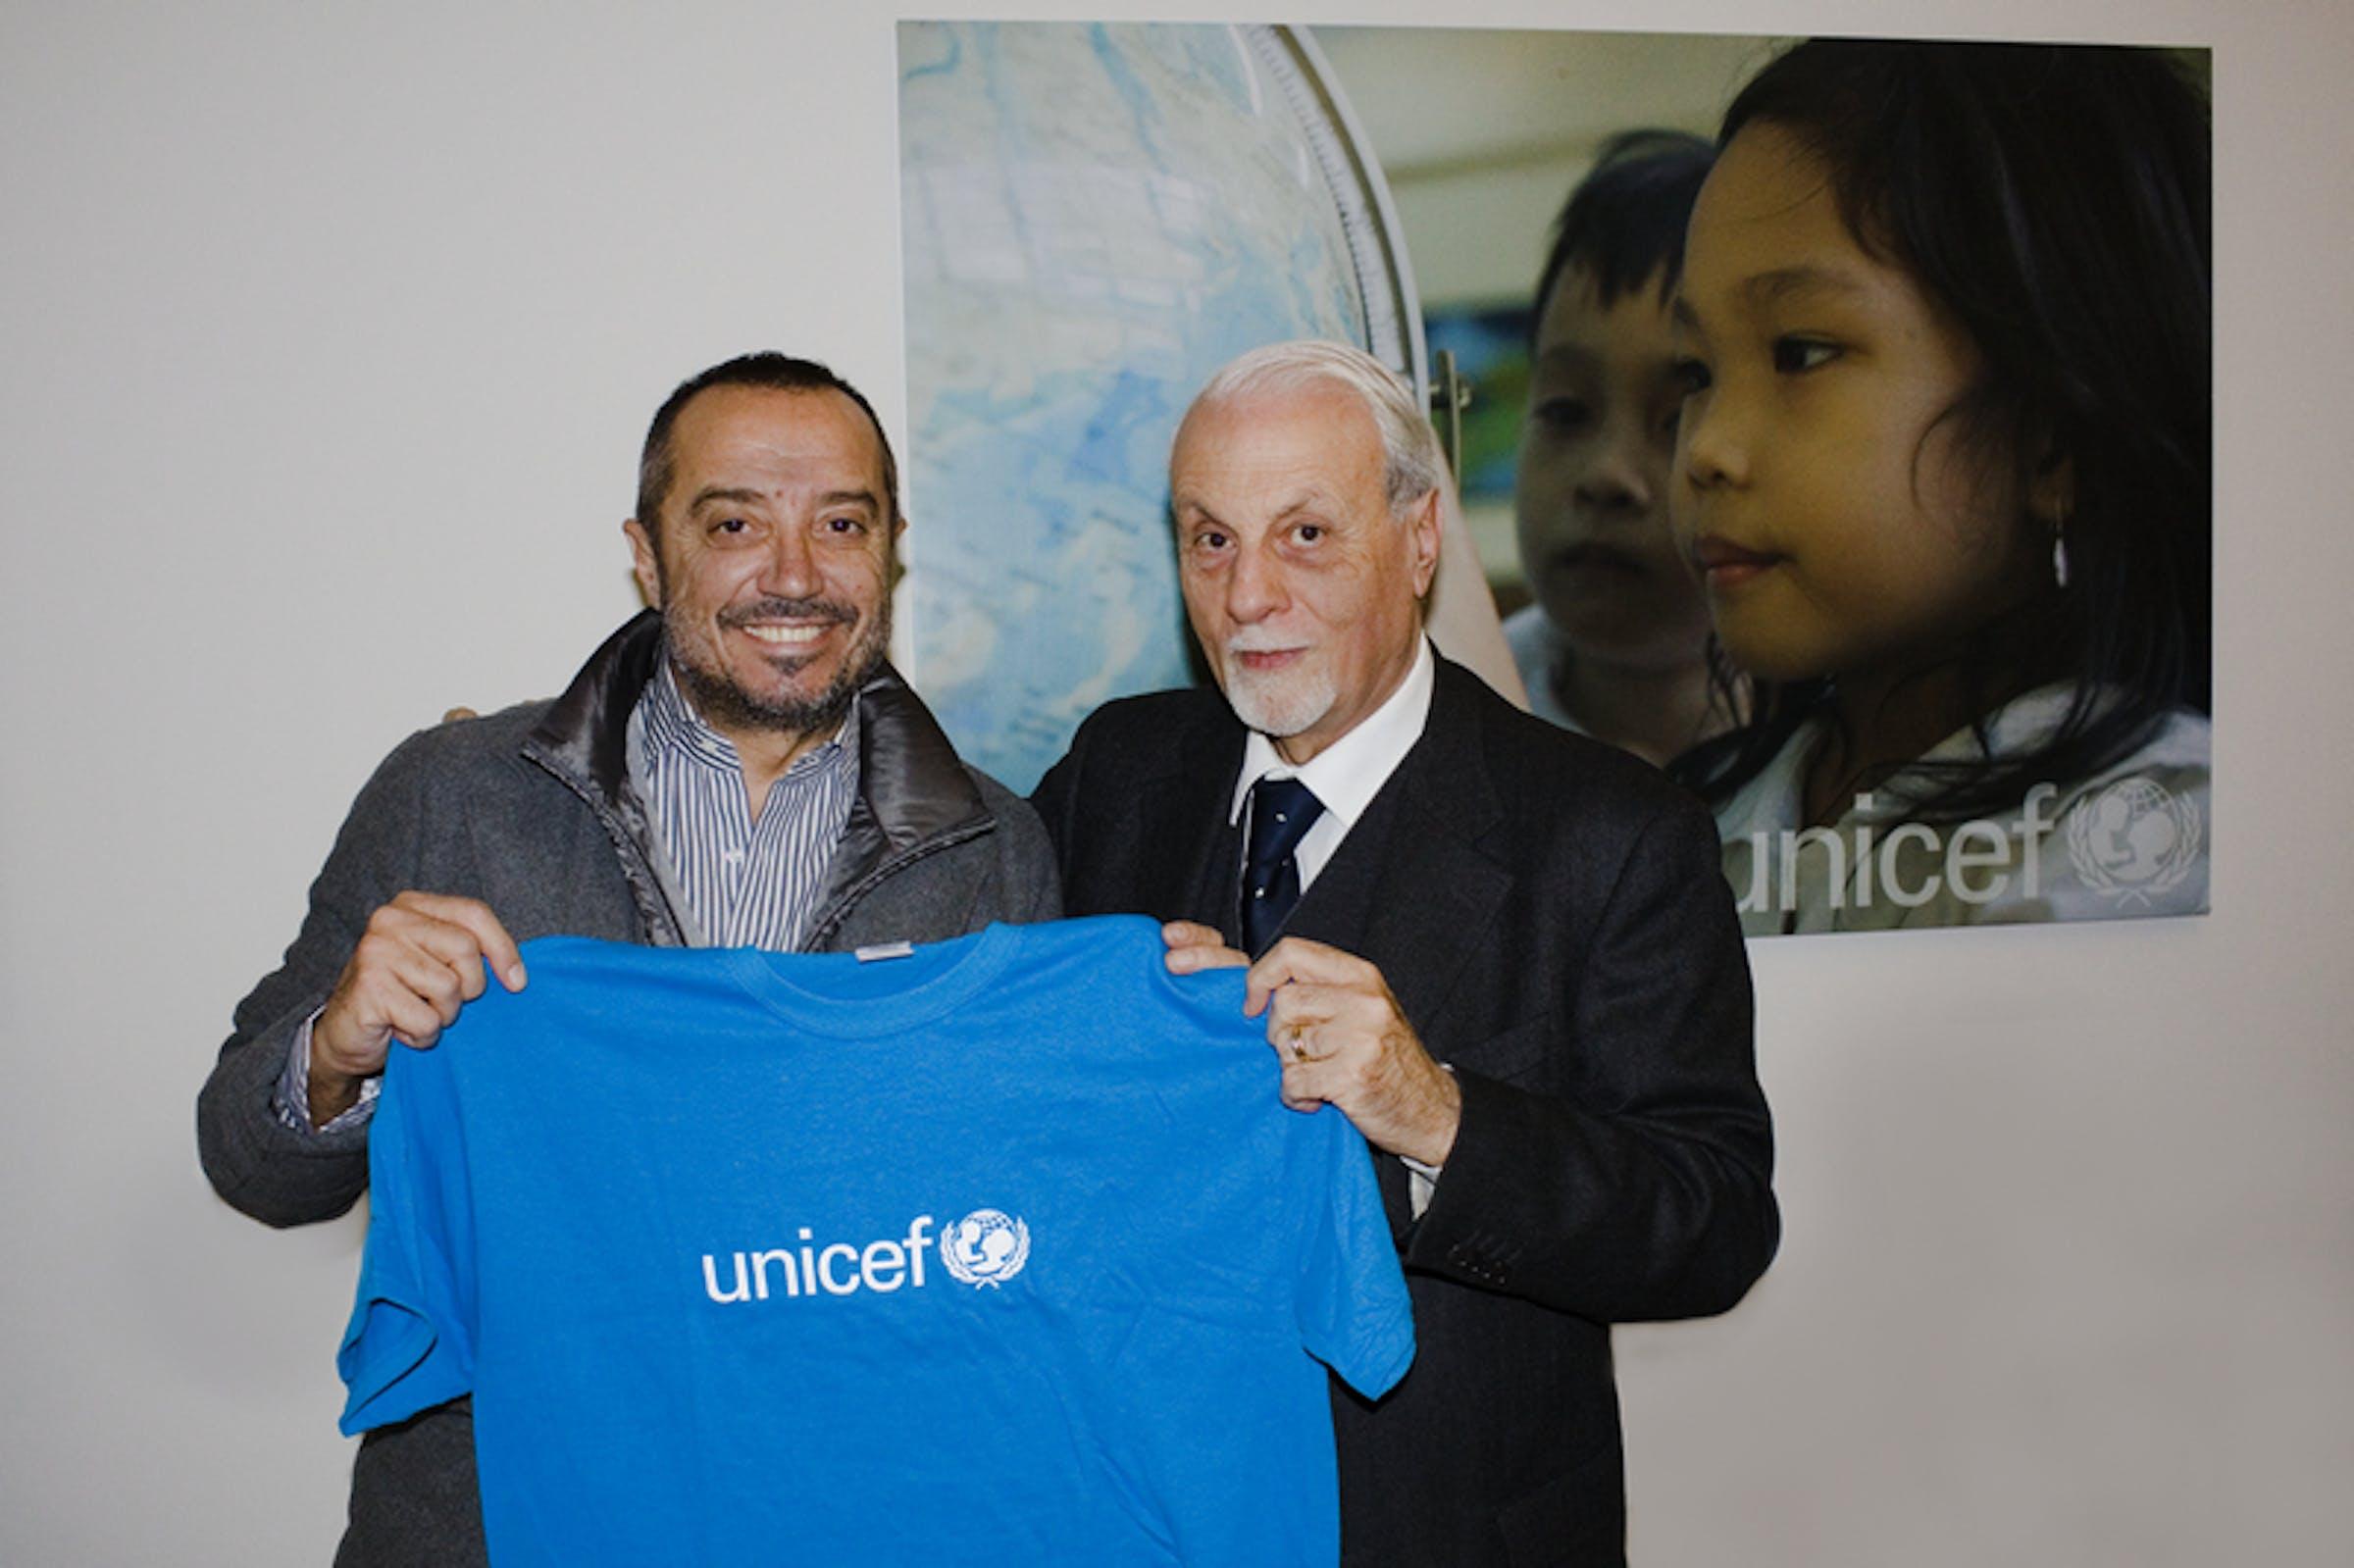 Franco Di Mare con il presidente dell'UNICEF Italia, Giacomo Guerrera - ©UNICEF Italia/2013/Alessandro Longobardi